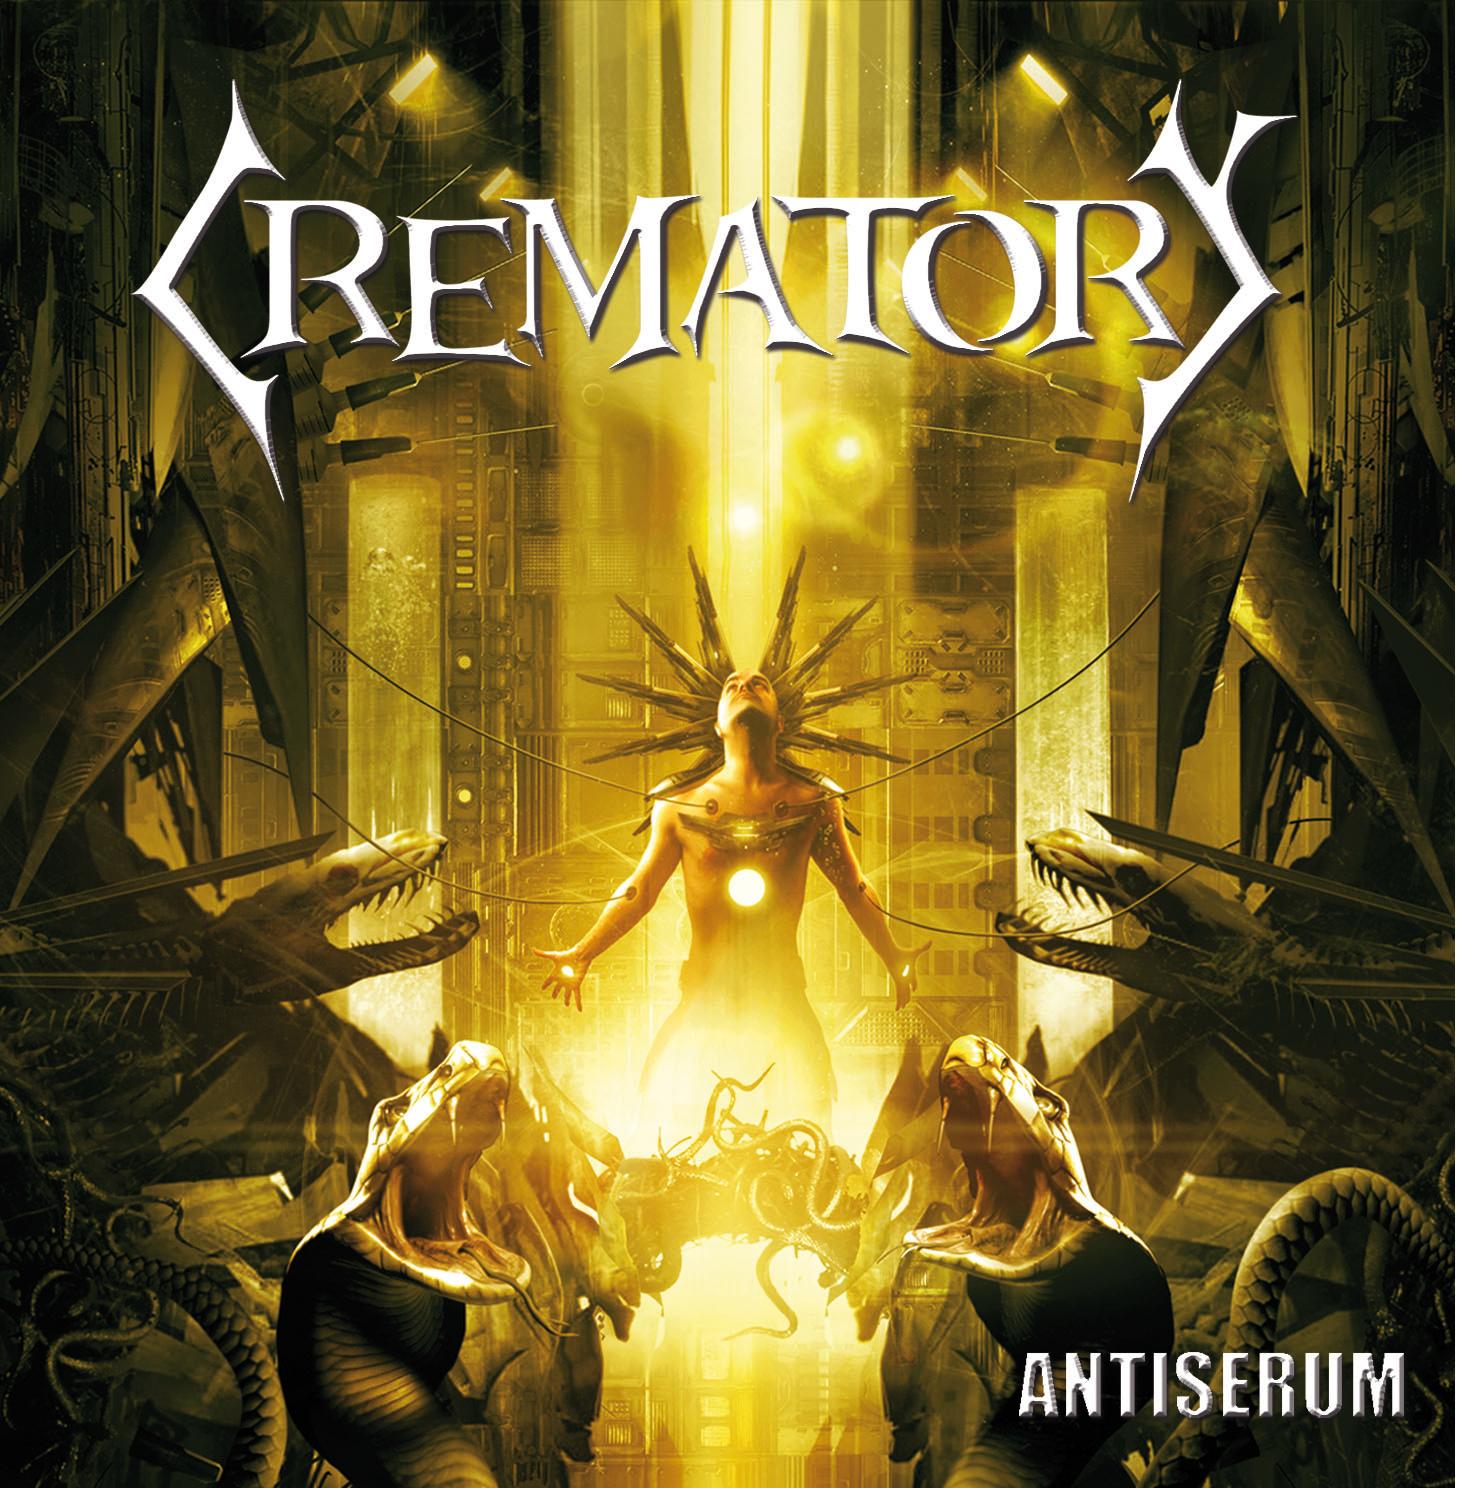 Crematory – Antiserum Review